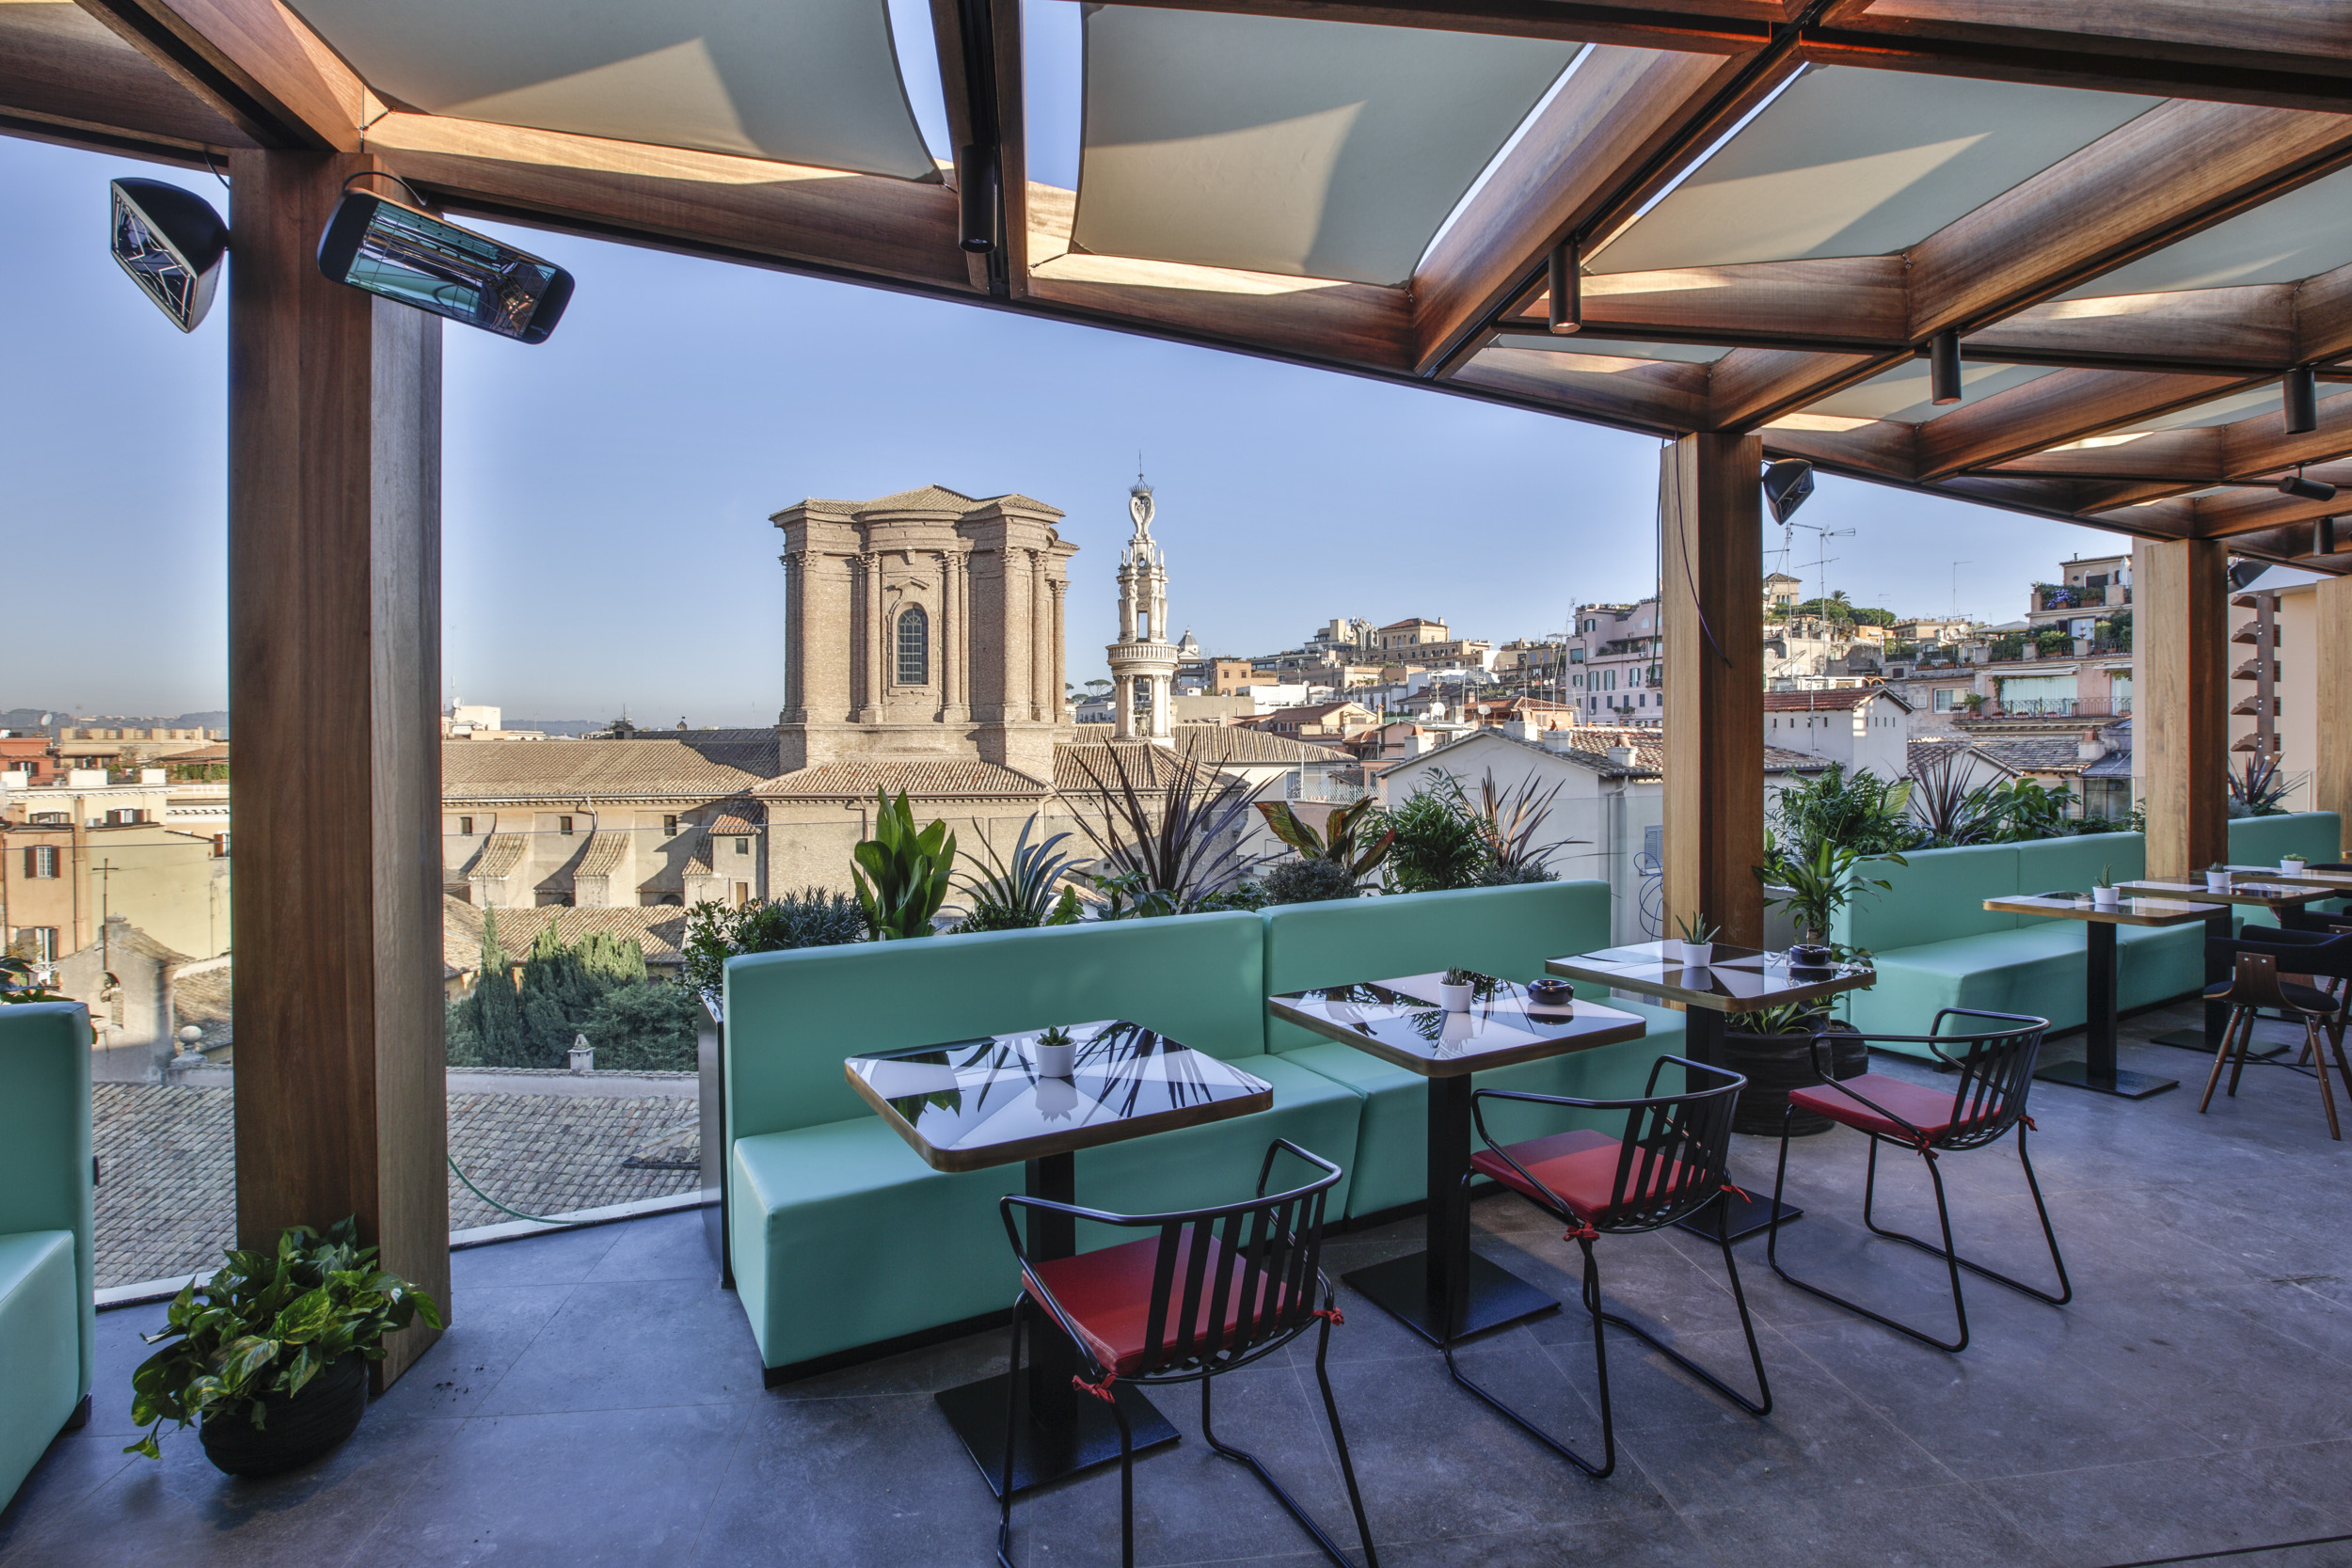 Rinascente roma via del tritone i ristoranti dove for Giardino orticoltura firenze aperitivo